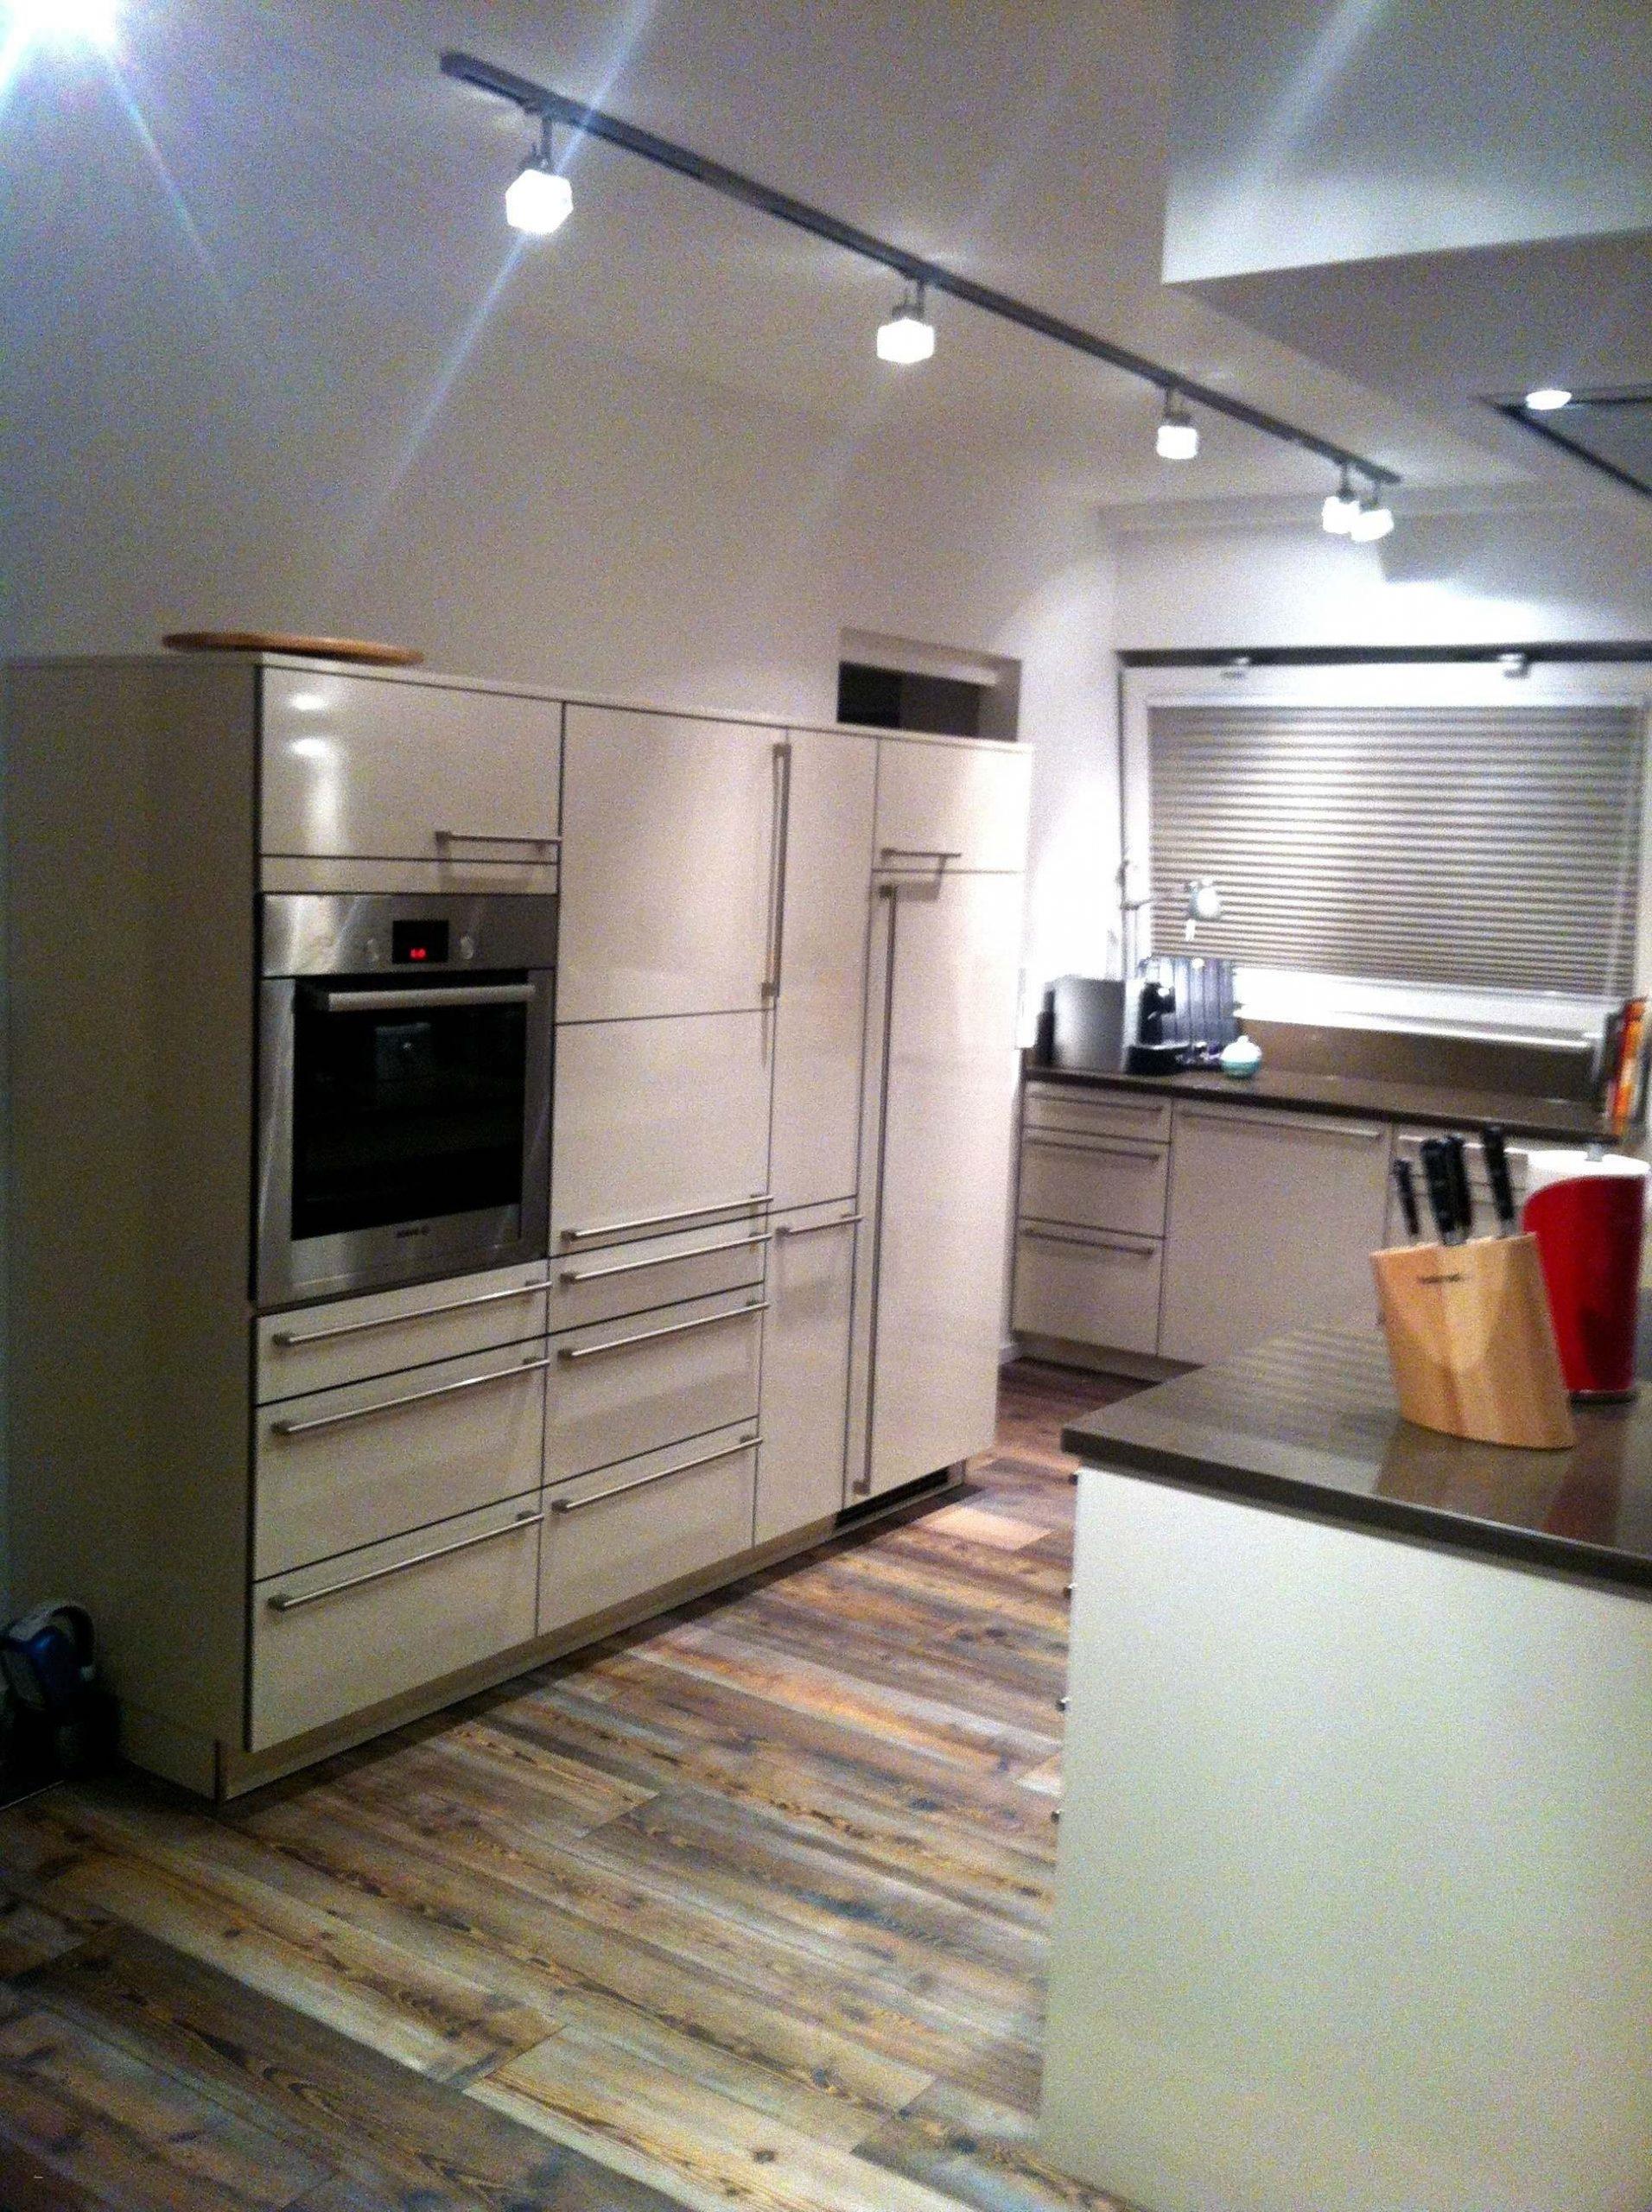 Full Size of 25 Luxus Einbaukche Mit Viel Stauraum Kitchen Aluminium Verbundplatte Küche Beistelltisch Nolte Gardinen Für Die Spülbecken Hängeschrank Glastüren Küche Hängeschrank Küche Höhe